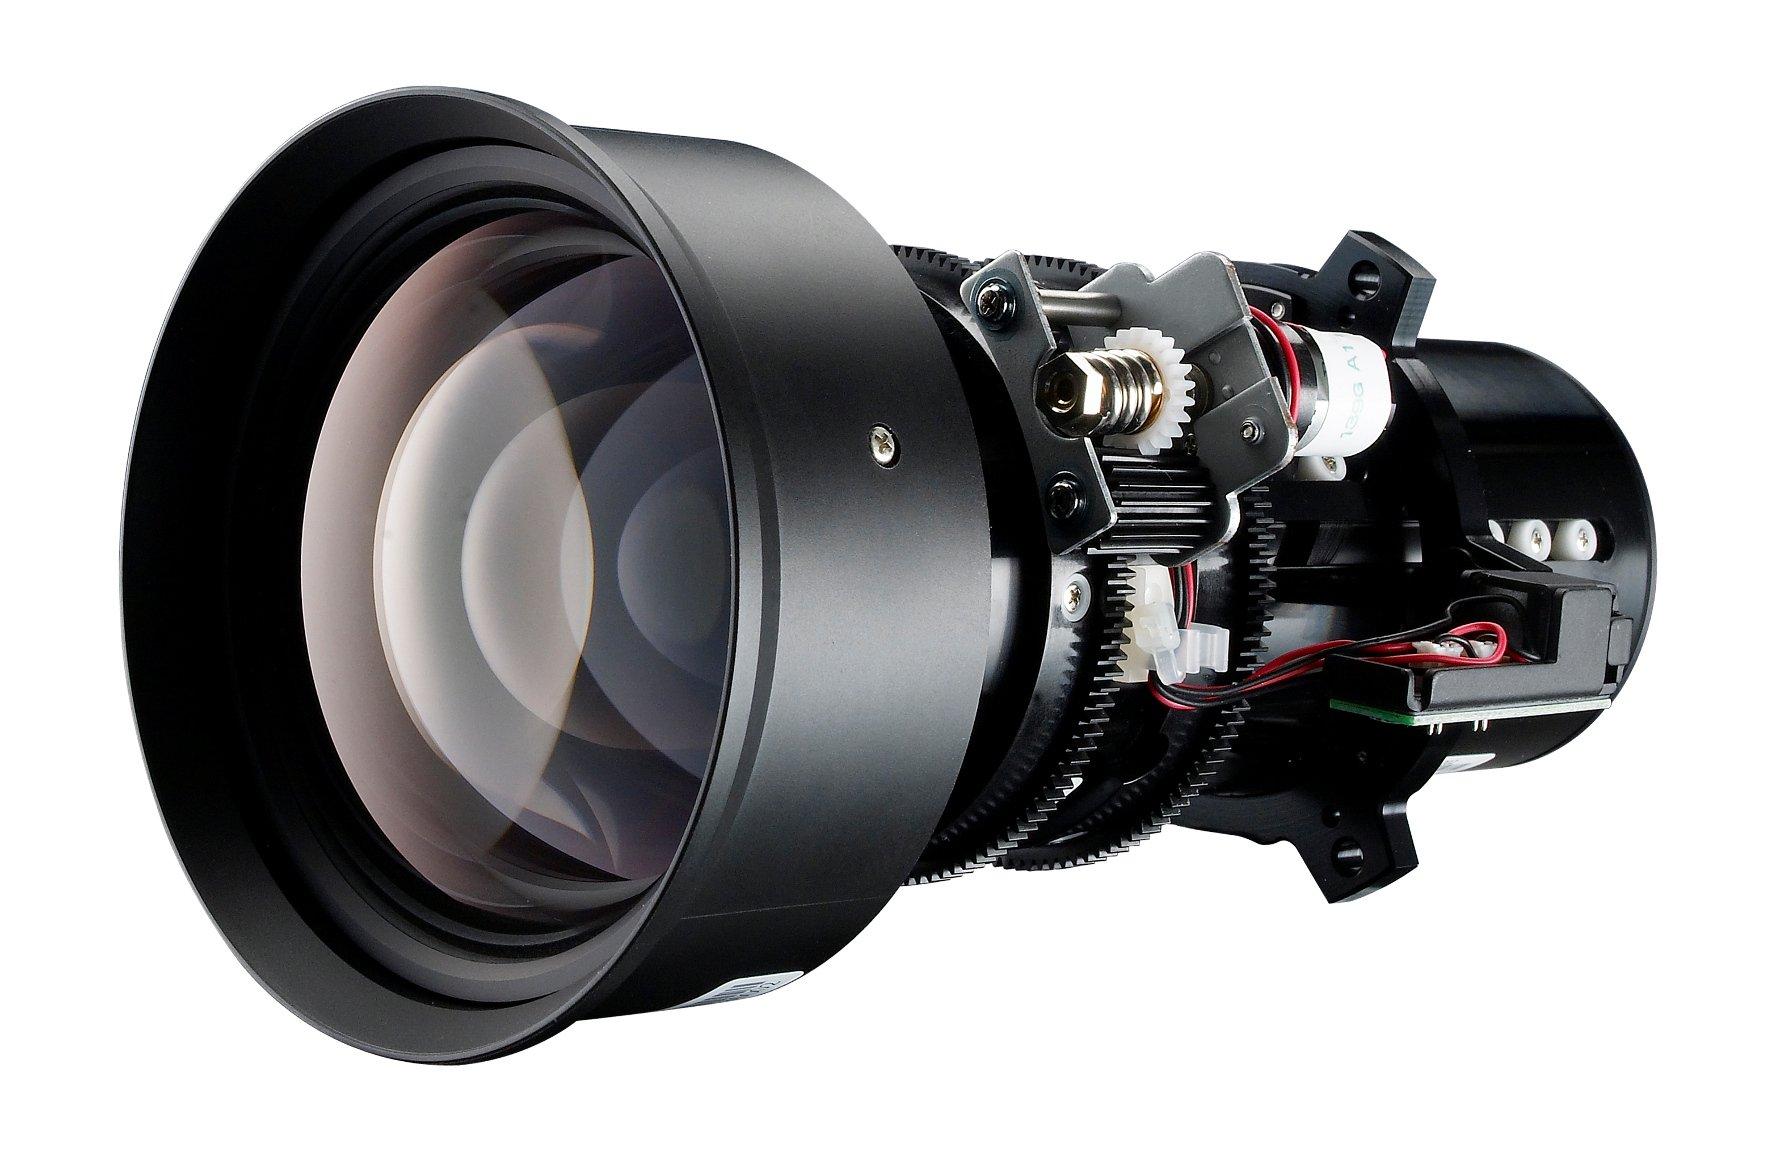 1.6~30.7:1 WUXGA Long Lens